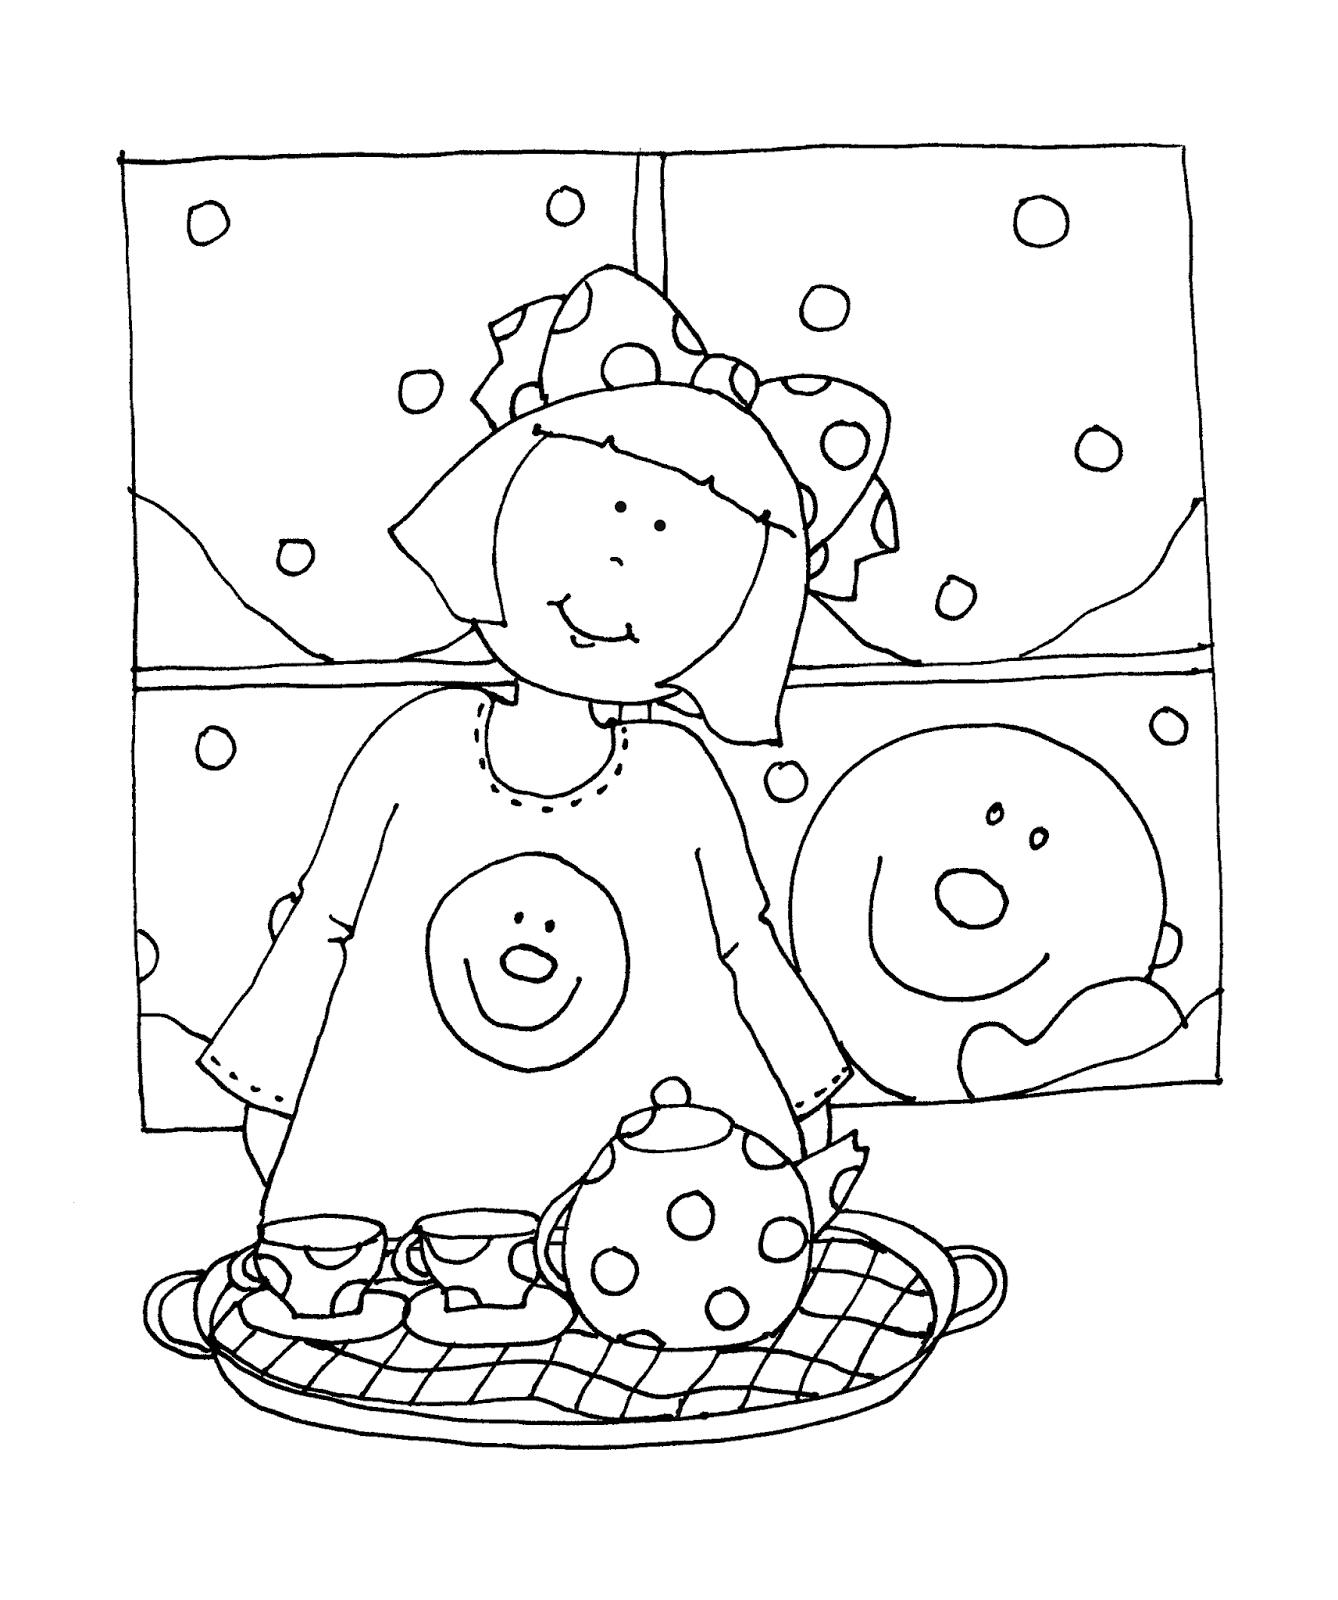 Free Dearie Dolls Digi Stamps: Snowman Tea Party | Dearie Dolls 2 ...